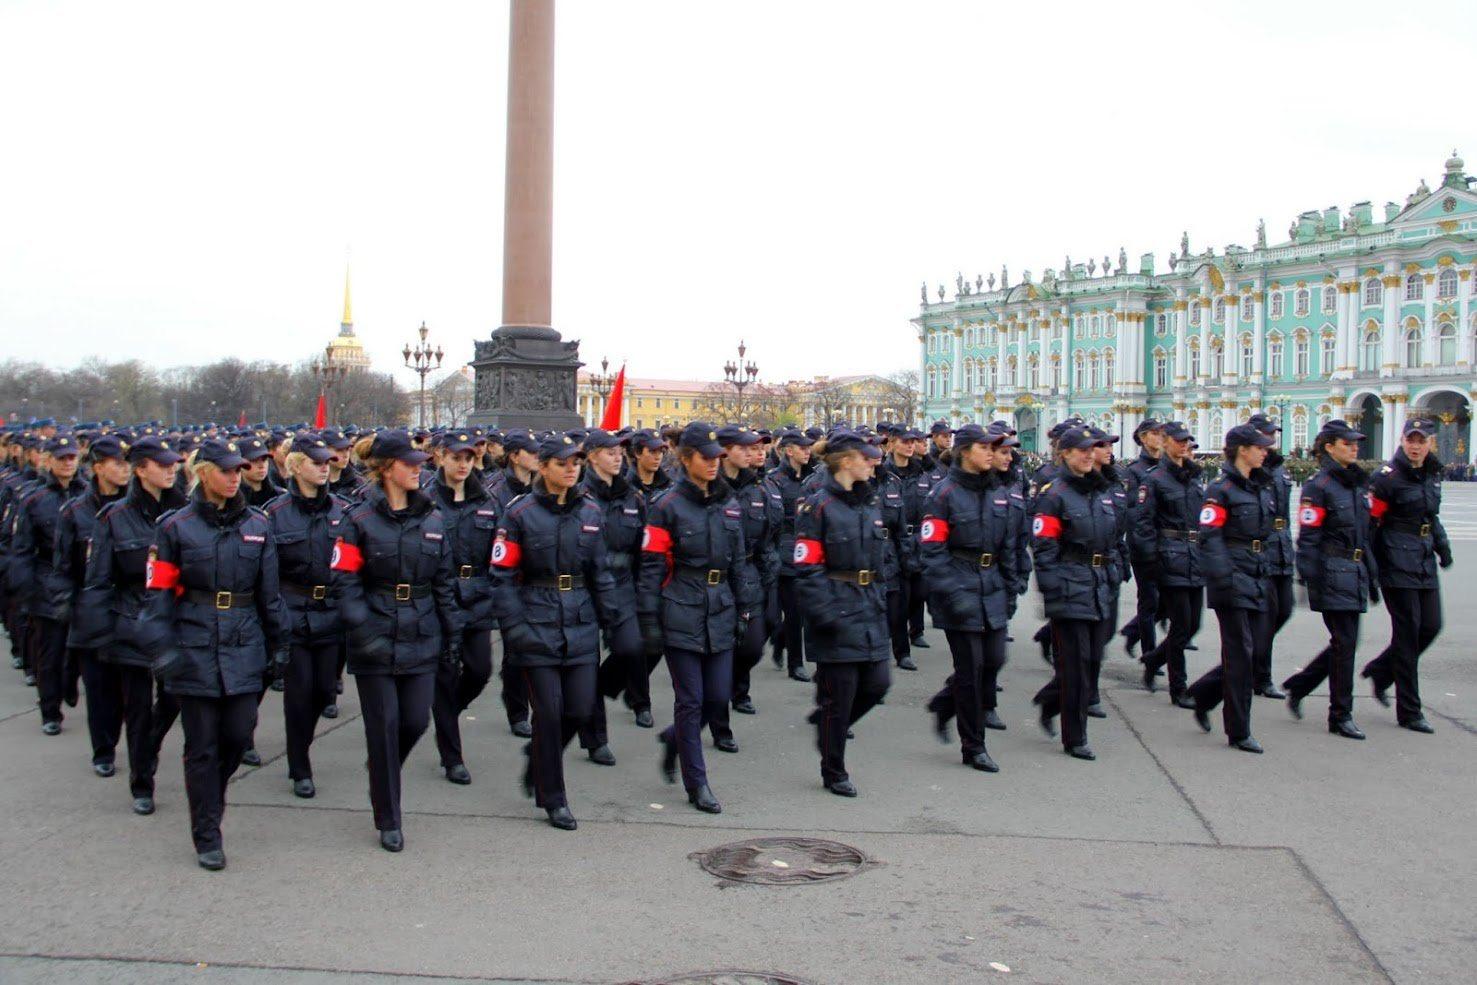 Вдова экс-депутата Госдумы Вороненкова Мария Максакова заявила, что получает угрозы из России - Цензор.НЕТ 2209